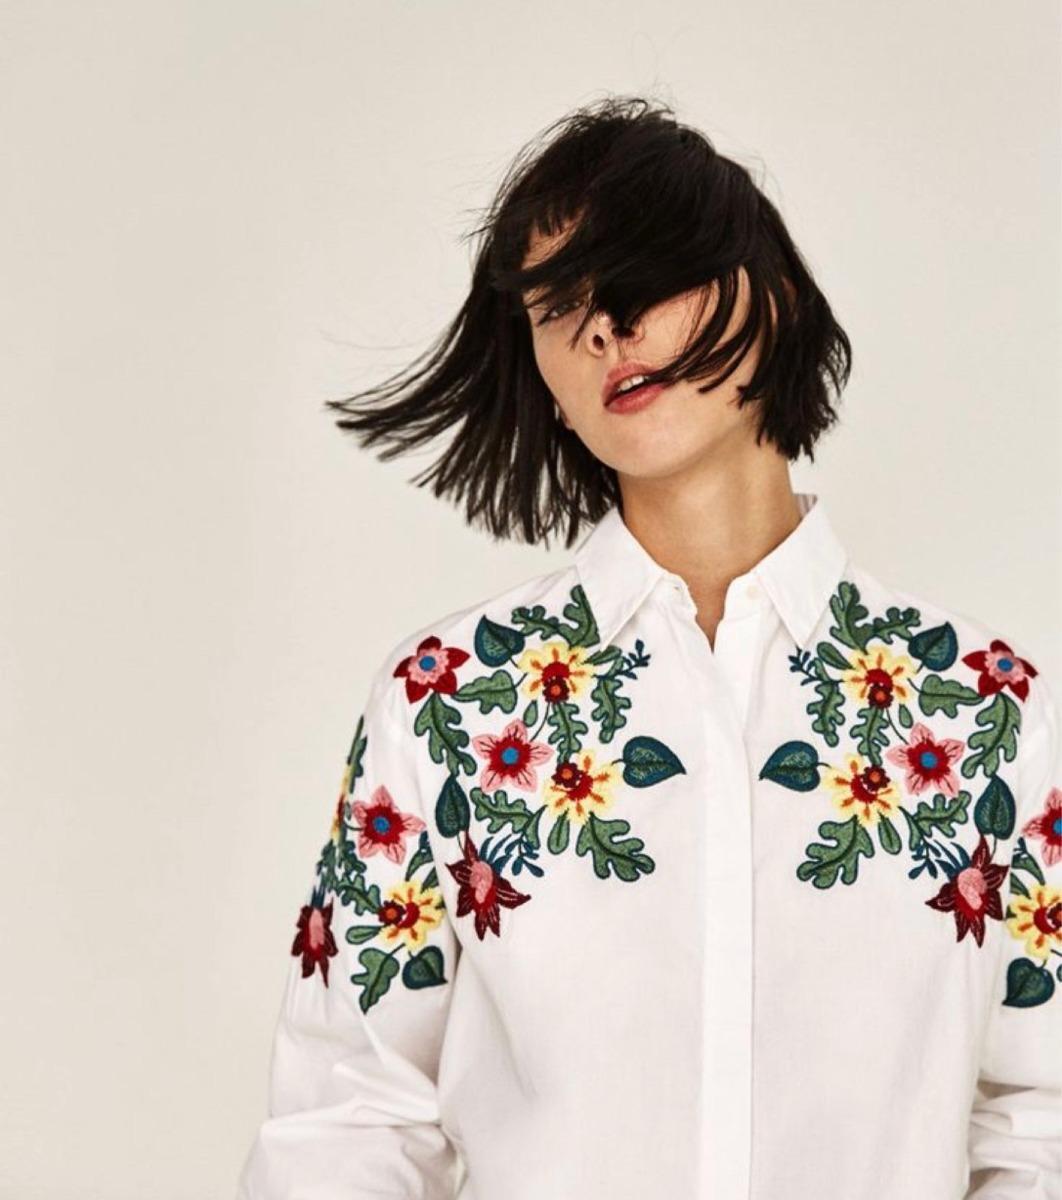 Zara 300 Estado Bordada Flores Impecable Camisa 1 En 00 Usa 1qvw1d